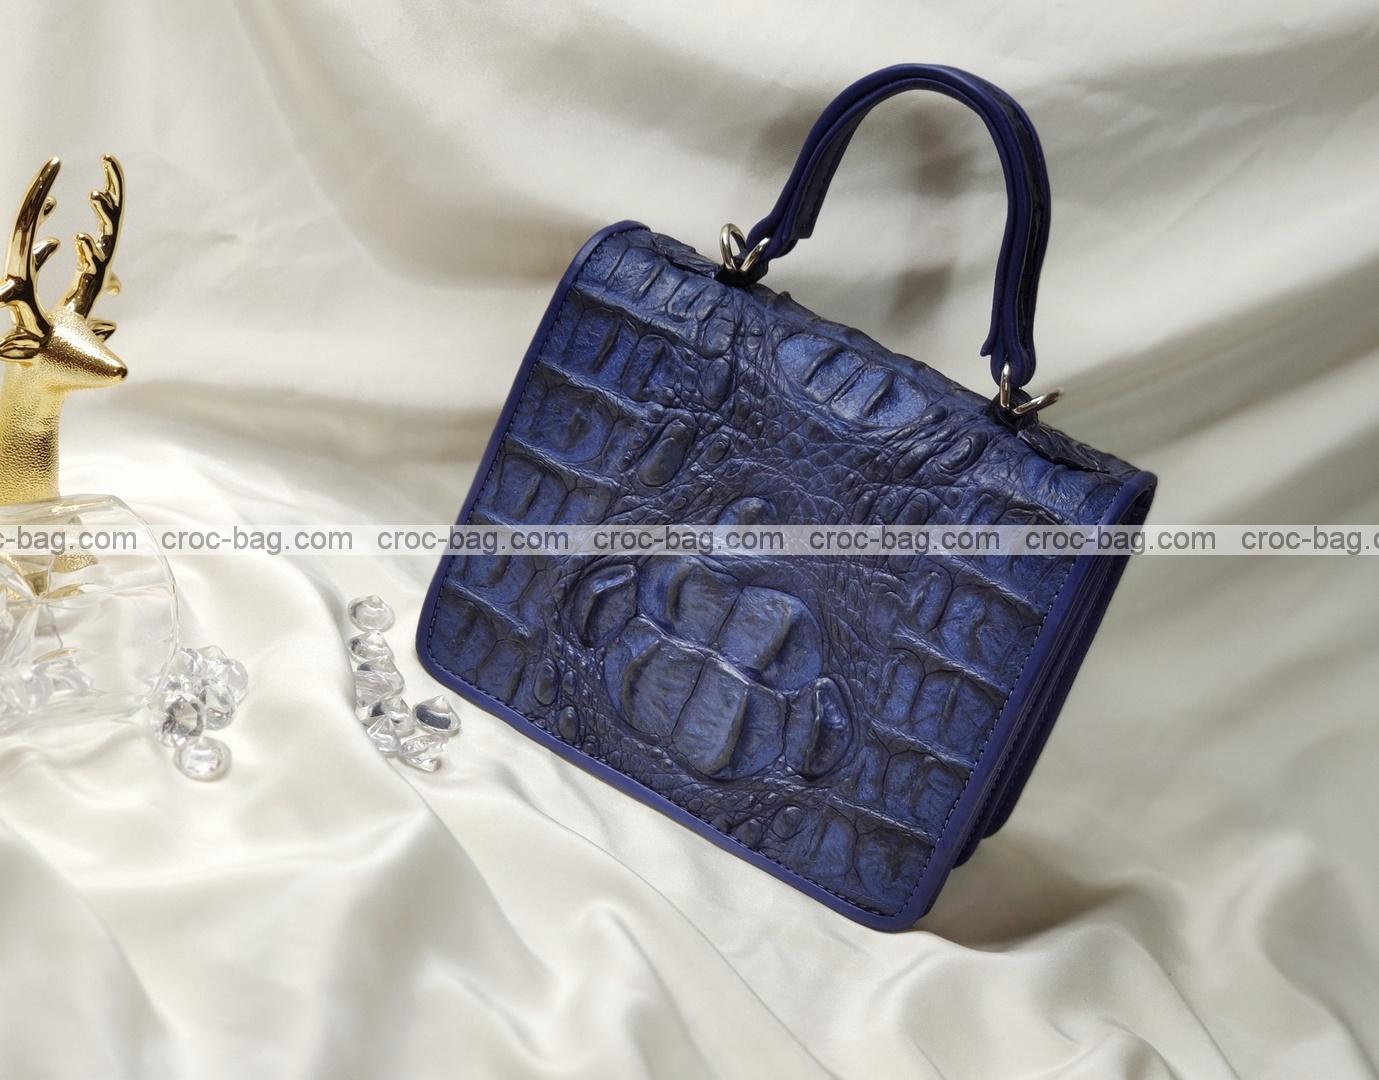 กระเป๋าหนังจระเข้สำหรับผู้หญิง 5272